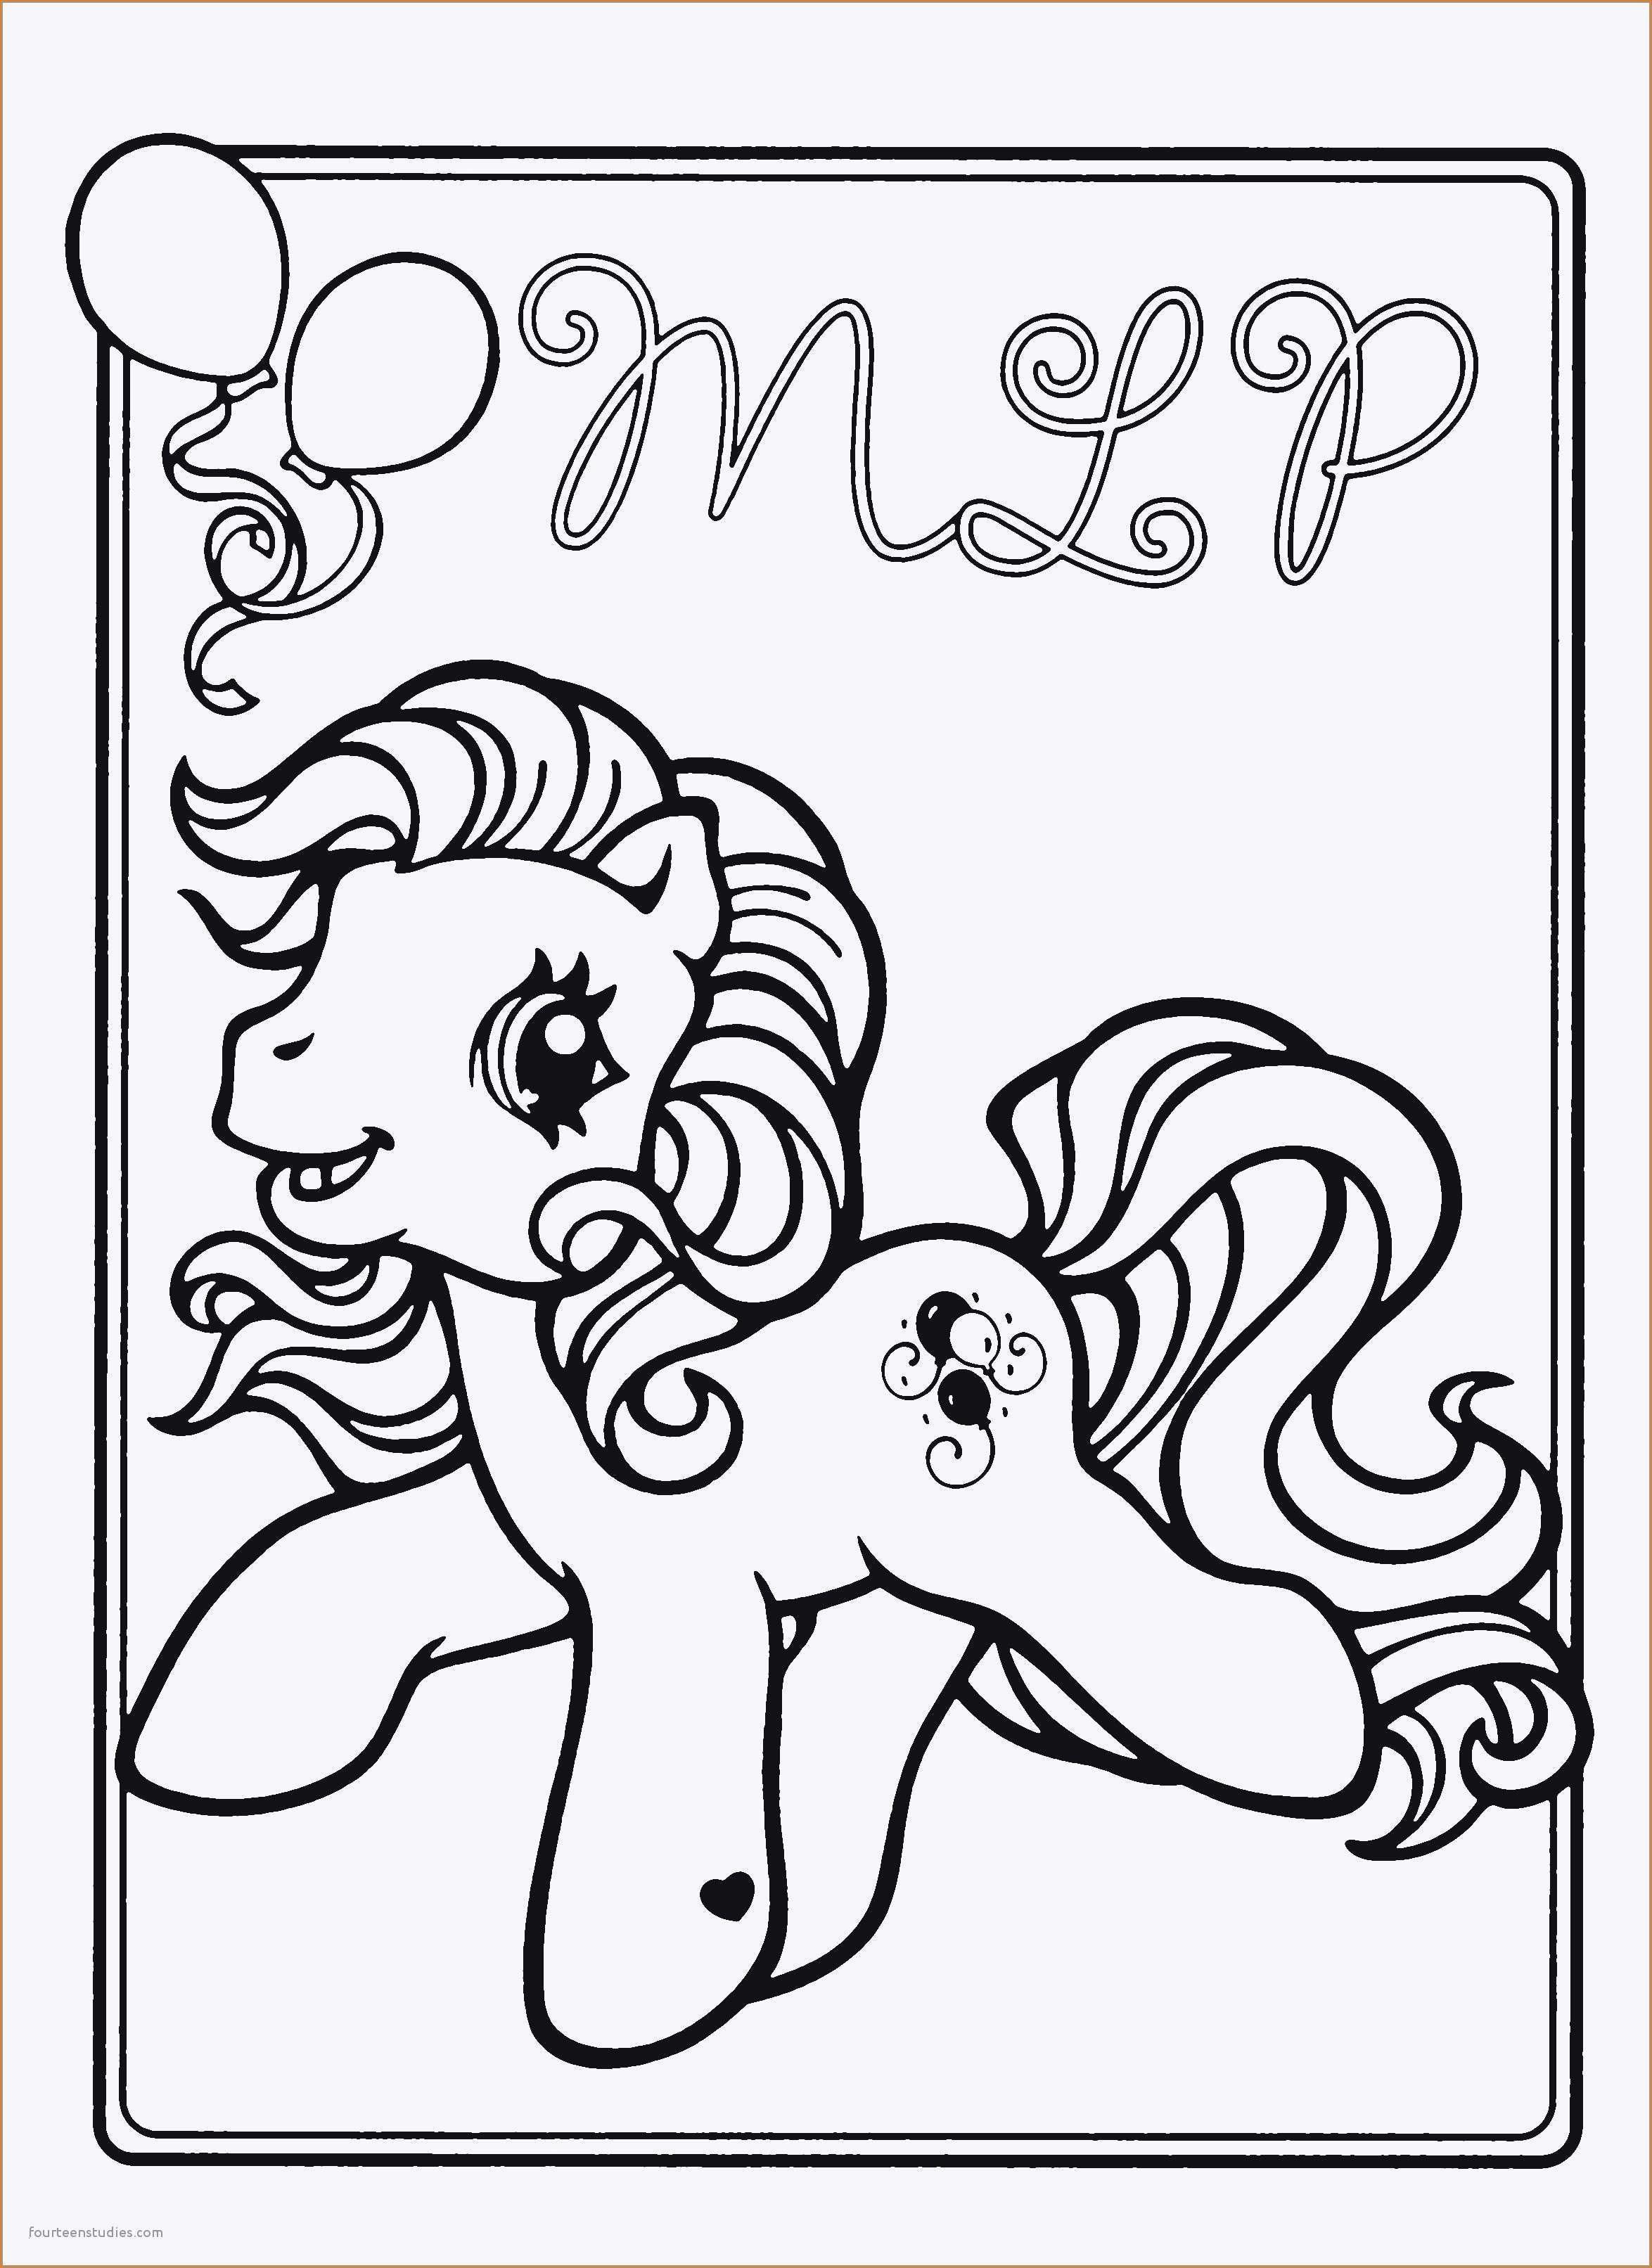 Ausmalbilder Little Pony Das Beste Von Herunterladbare Malvorlagen Reizvolle 35 Ausmalbilder My Little Pony Sammlung